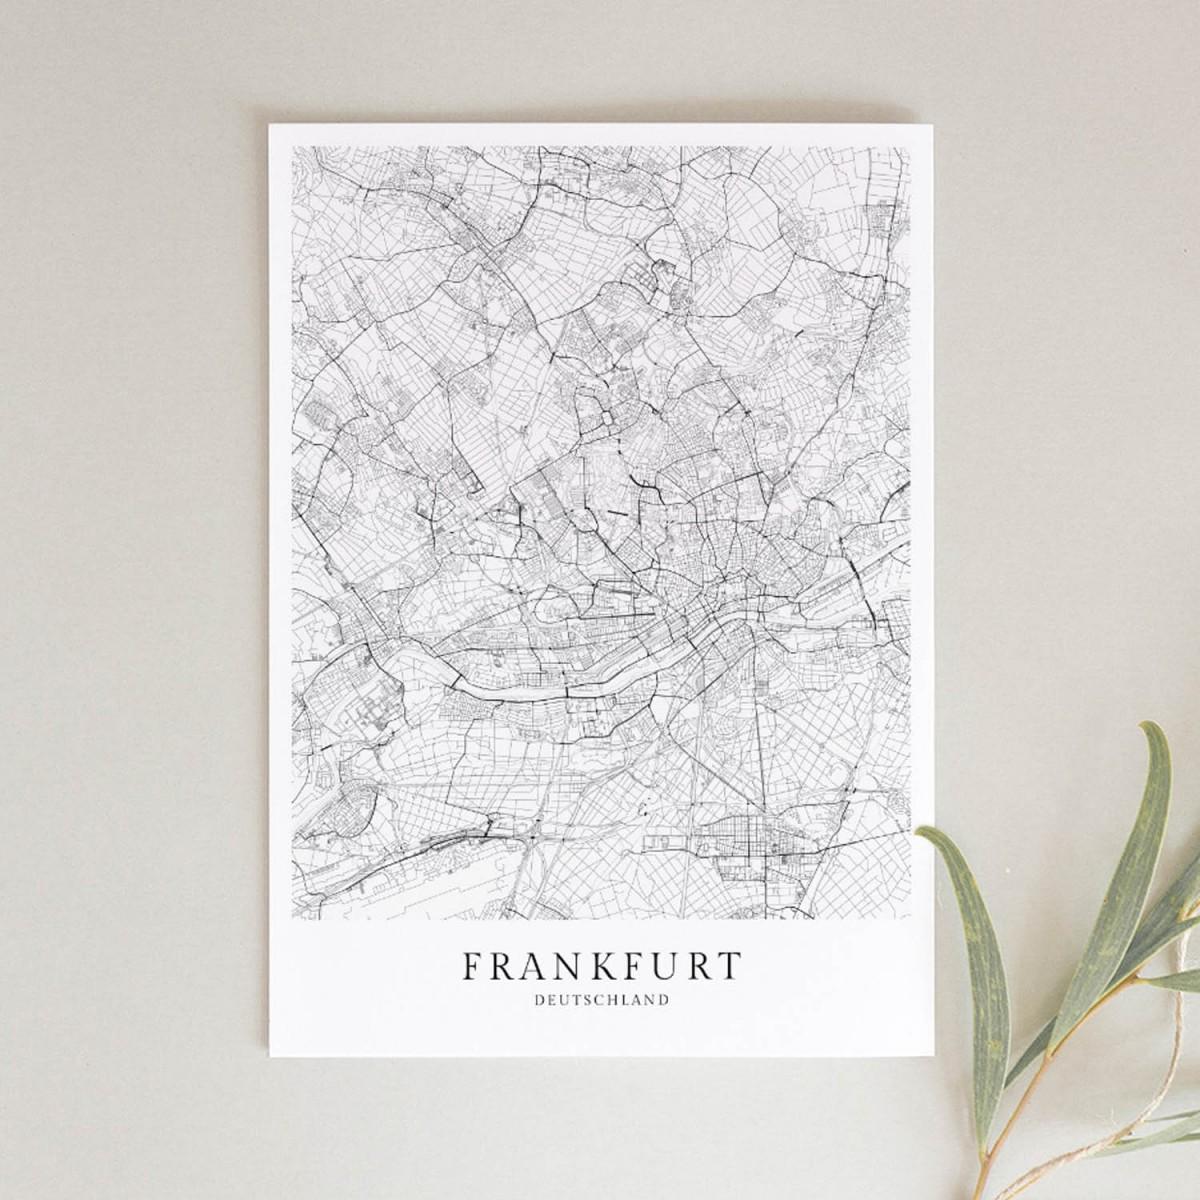 Frankfurt als hochwertiges Poster im skandinavischen Stil von Skanemarie